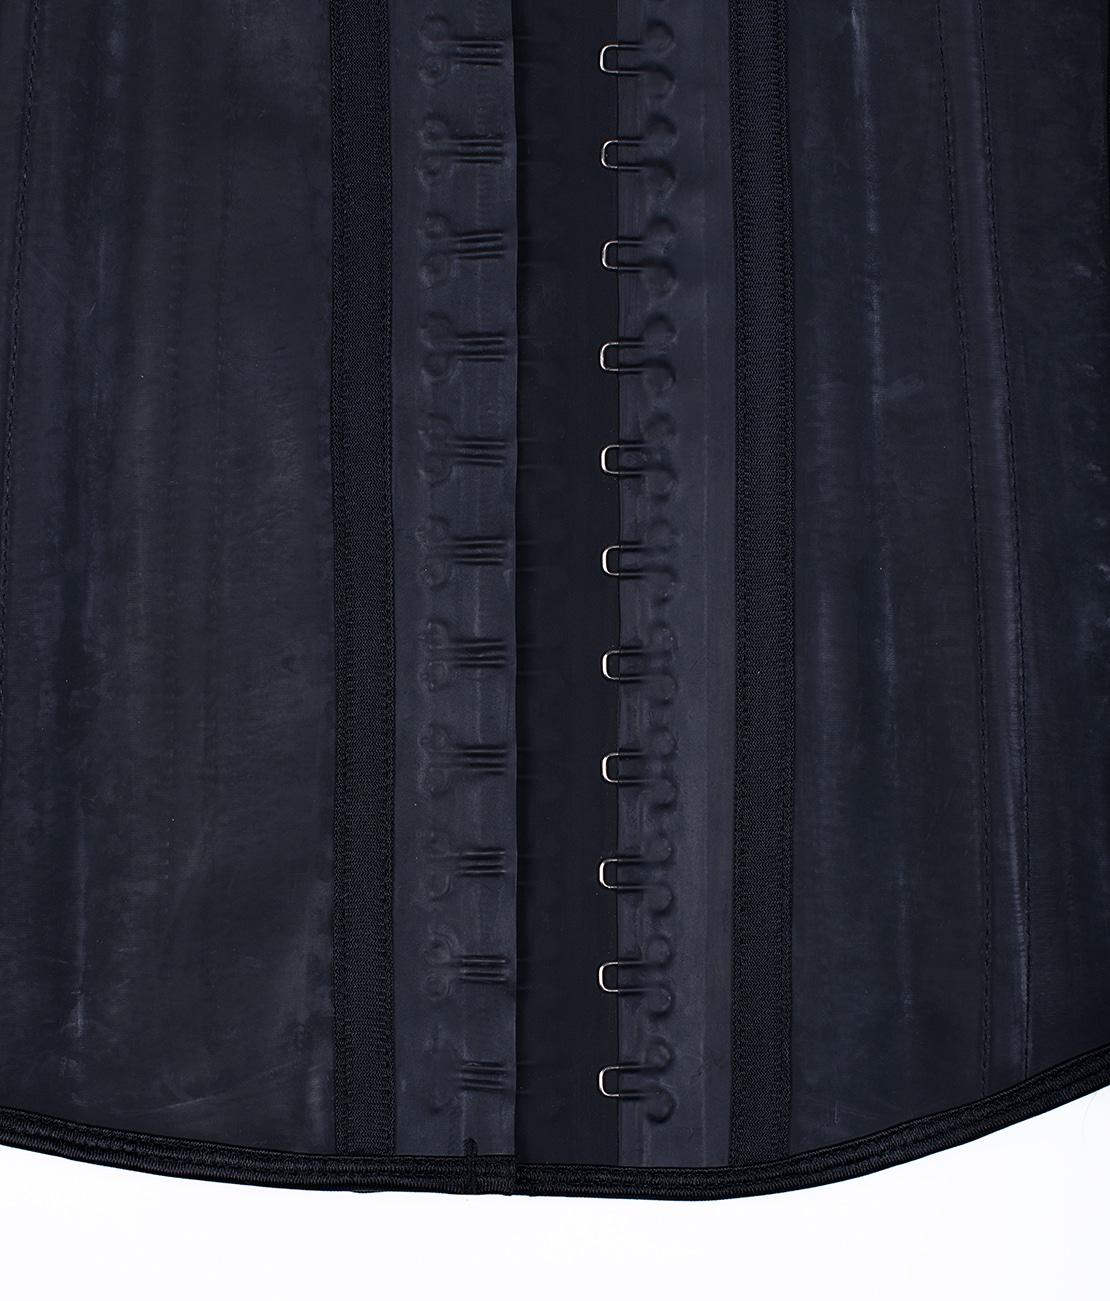 Gaine Latex Packshot Detail 2